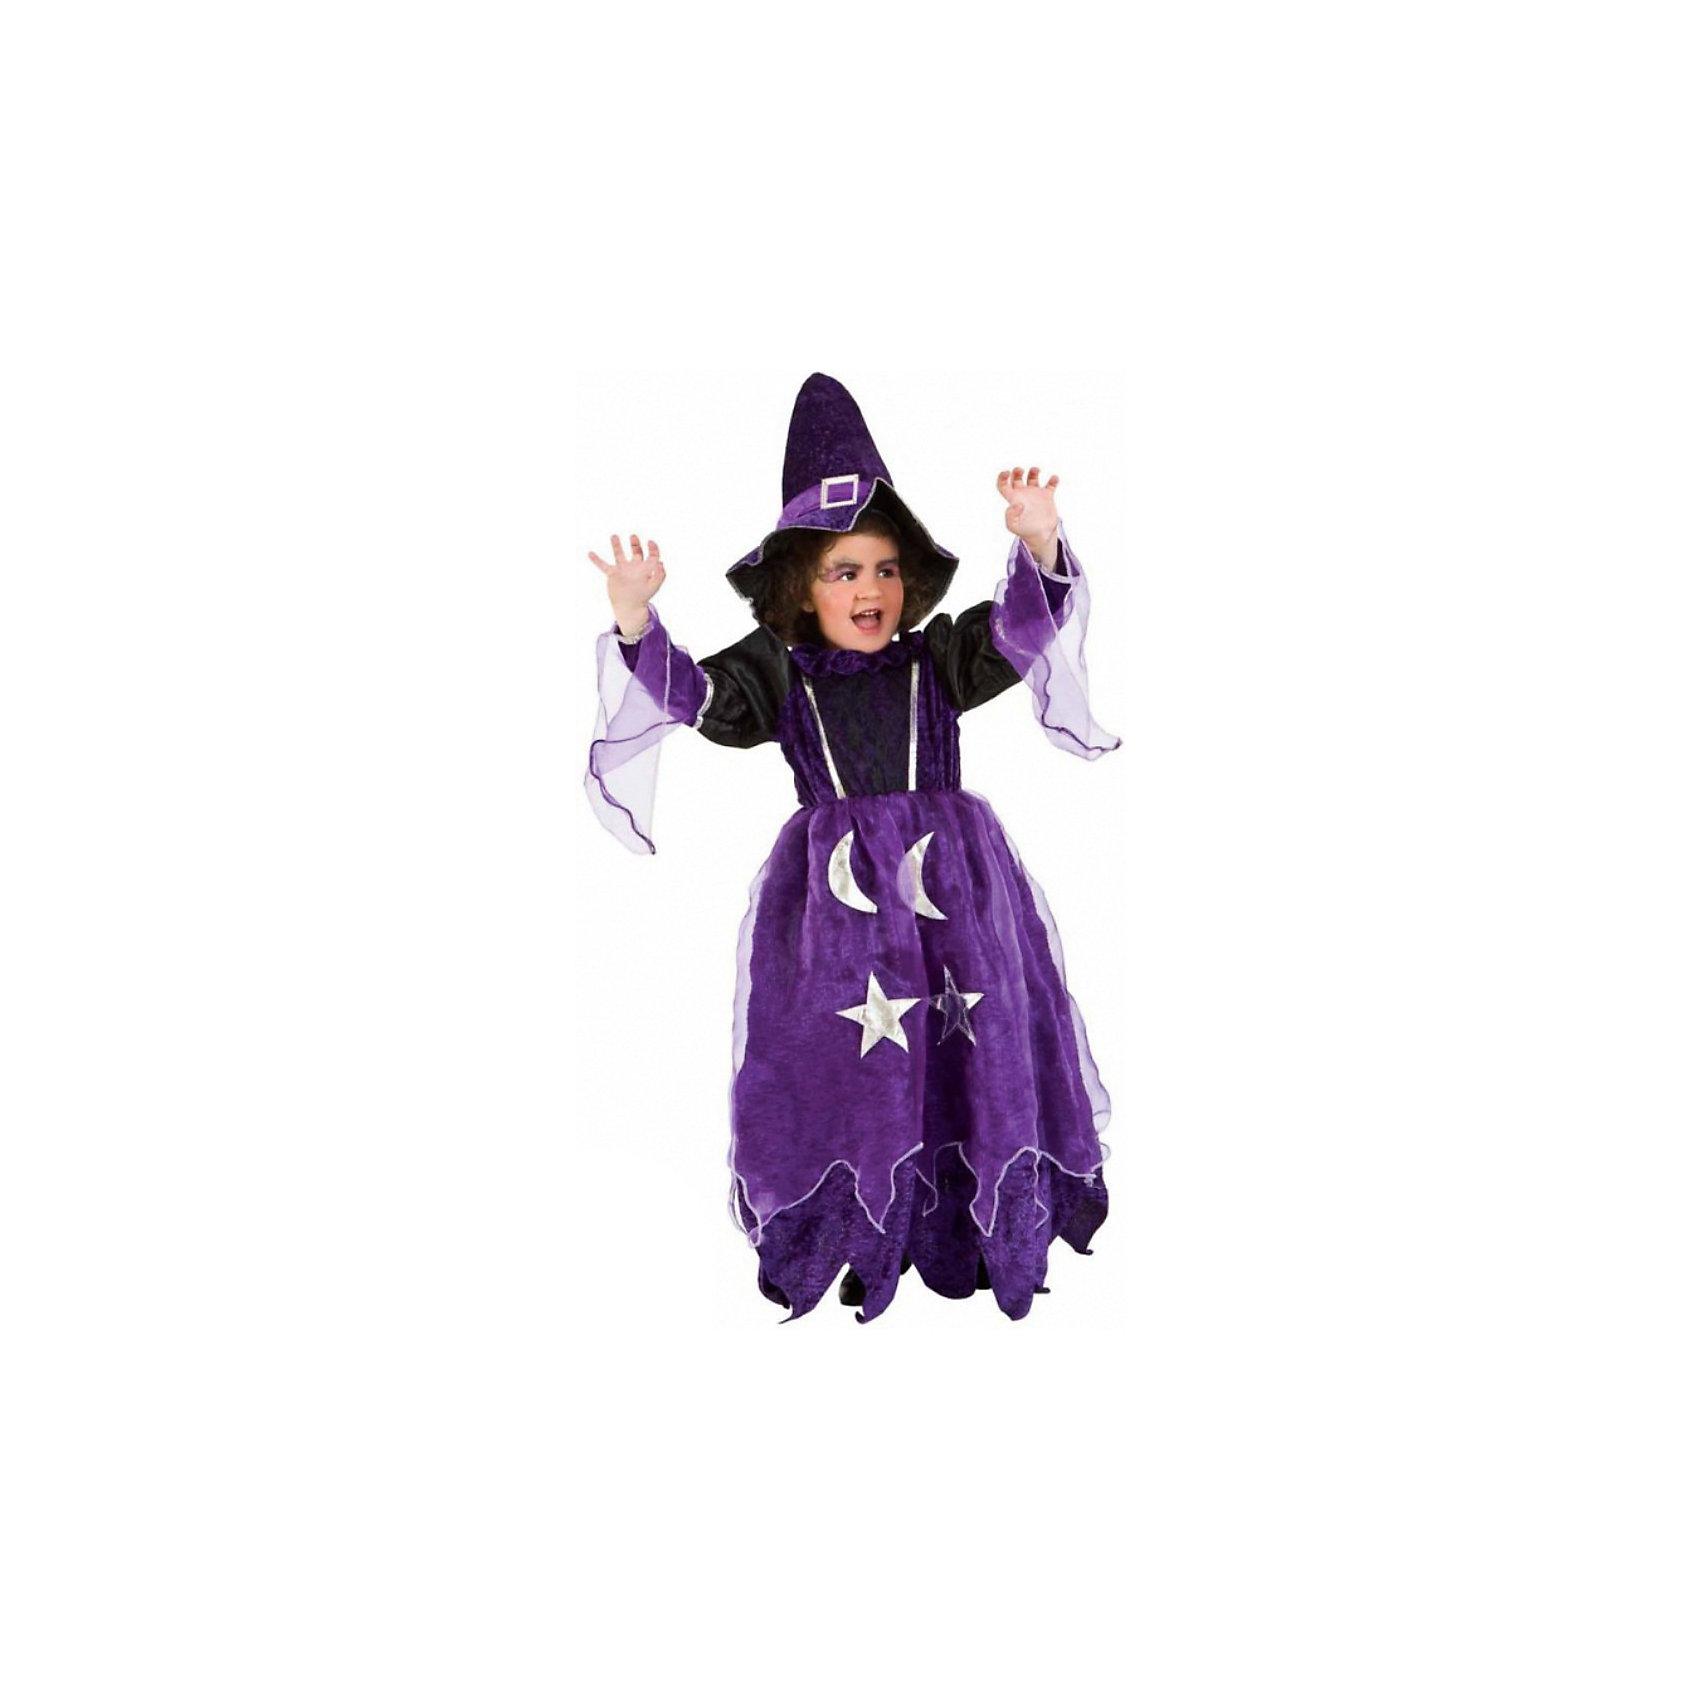 Карнавальный костюм Фея ночи, 5 лет, Veneziano